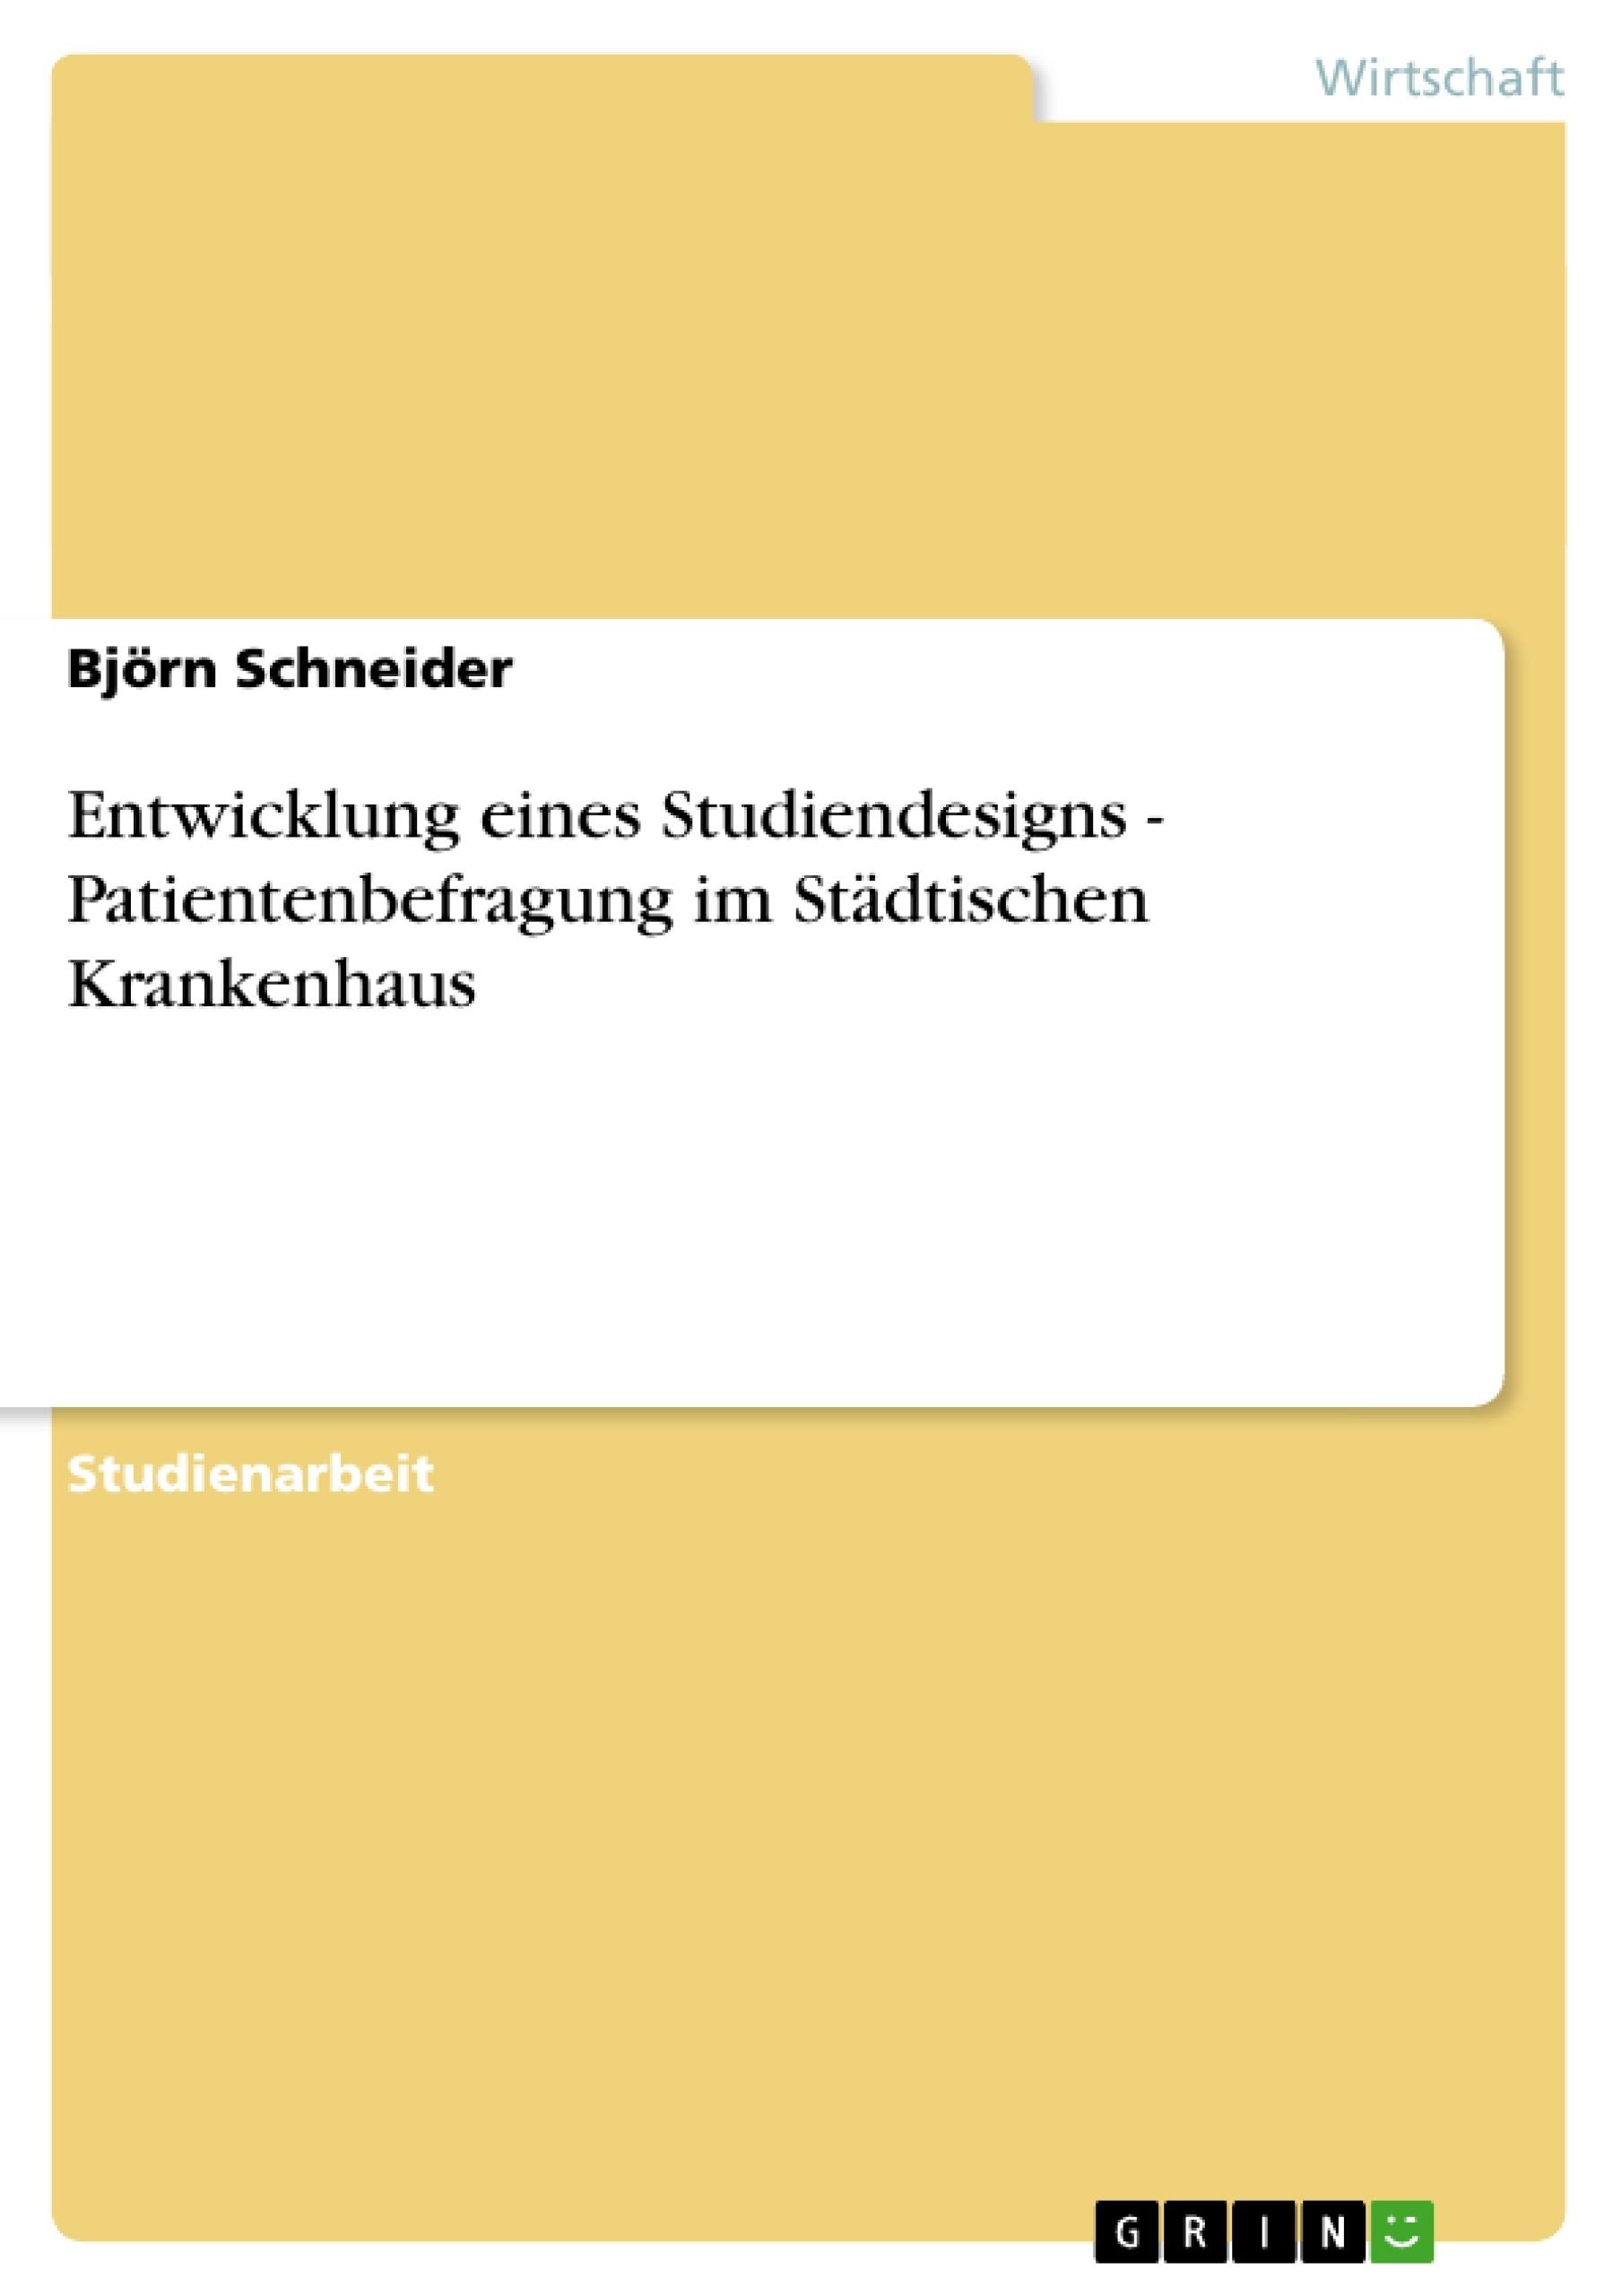 Titel: Entwicklung eines Studiendesigns - Patientenbefragung im Städtischen Krankenhaus